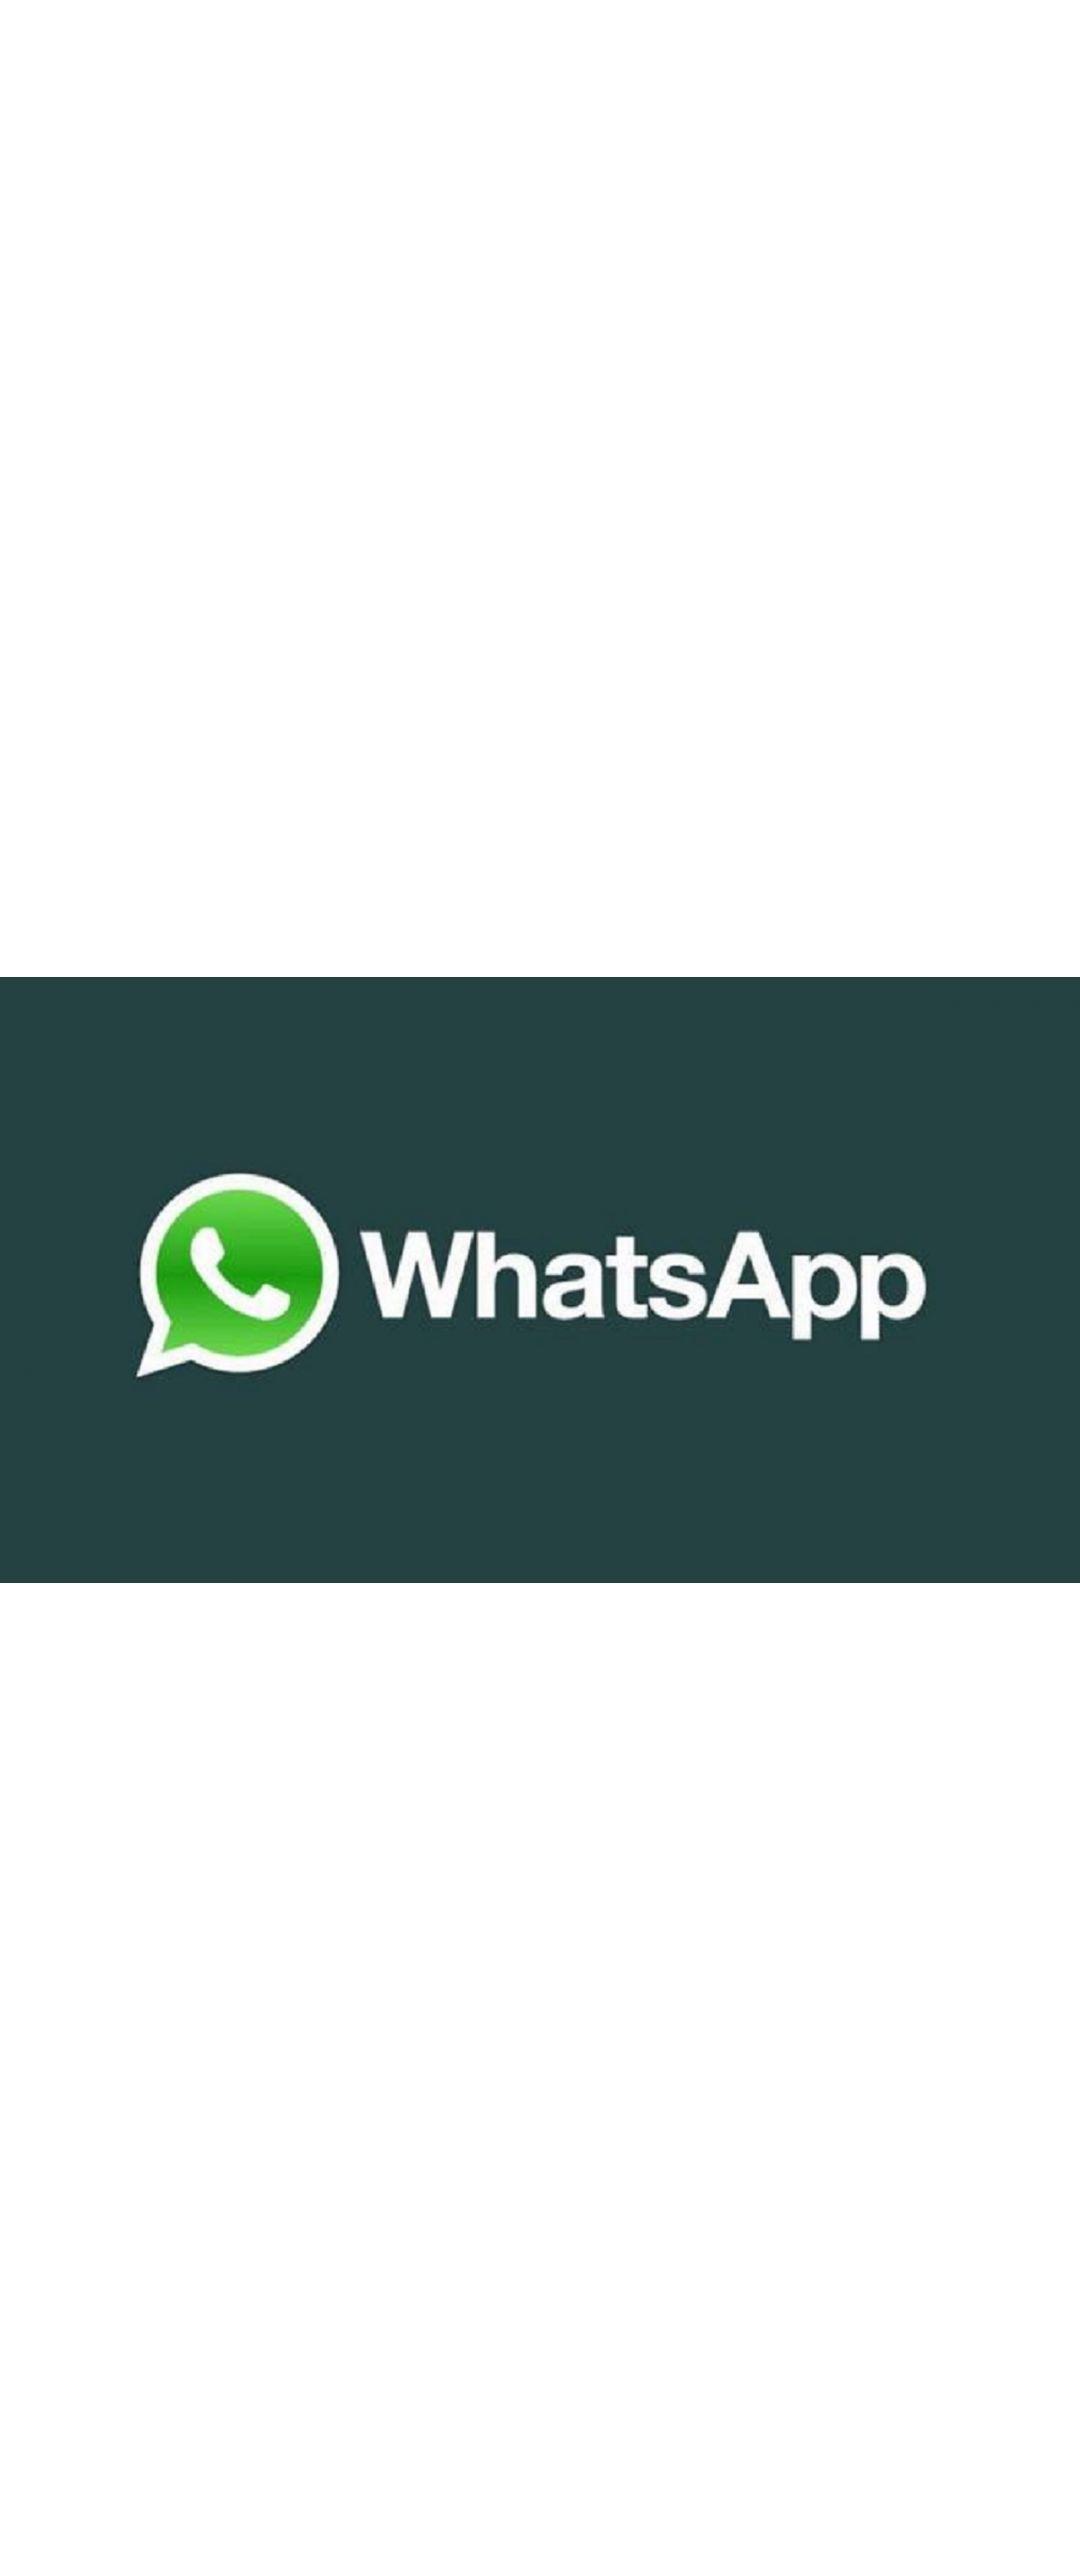 WhatsApp prueba característica para ver videos sin descargarlos